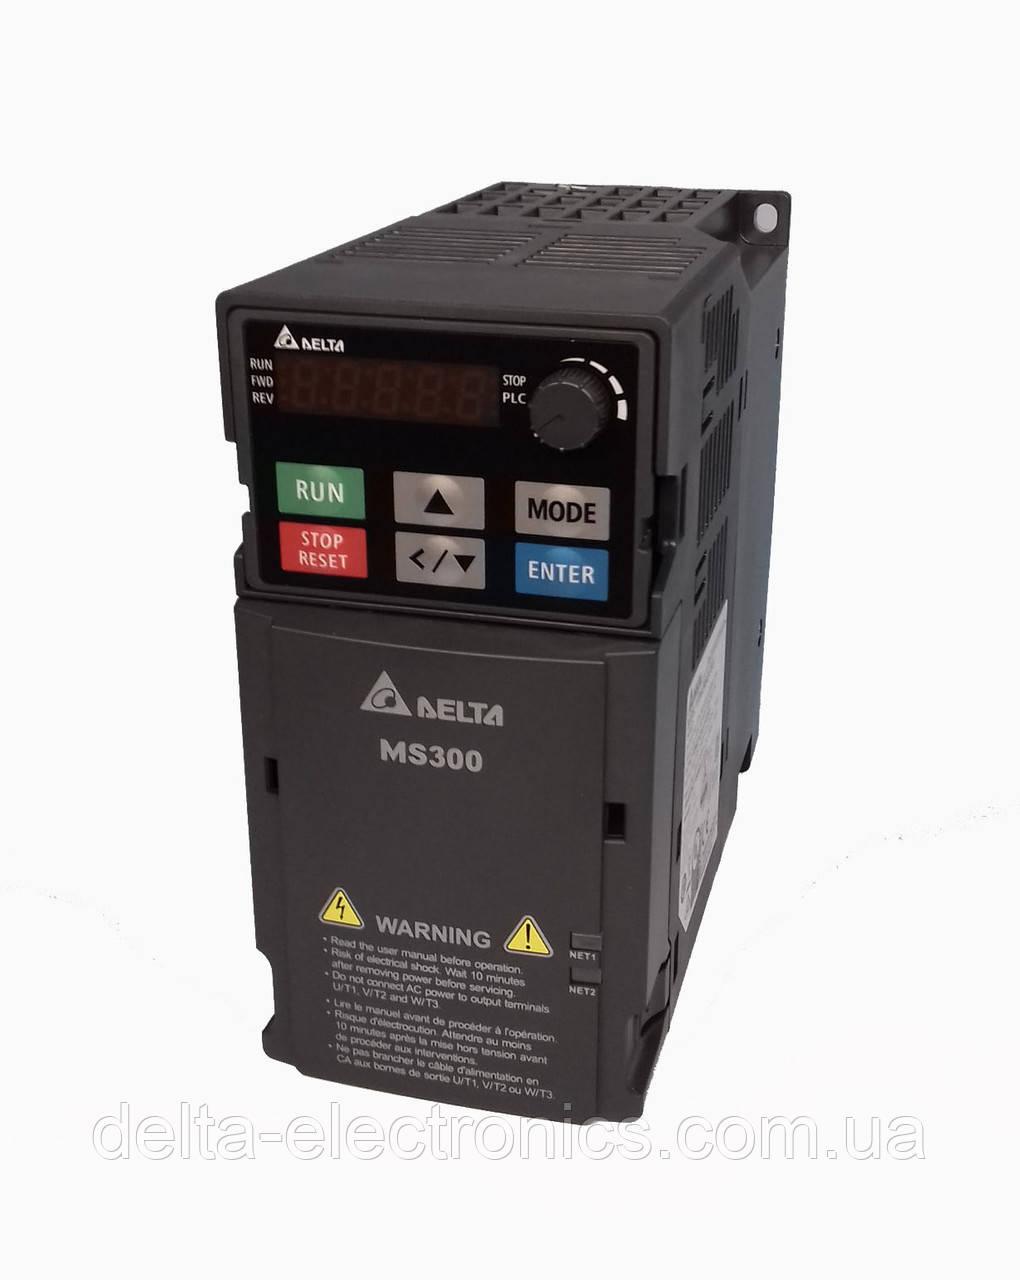 Перетворювач частоти MS300, 3х380В, 2,2 кВт, 5,5 /6,5 А, ЕМС С2 фільтр, векторний, c ПЛК, VFD5A5MS43AFSAA